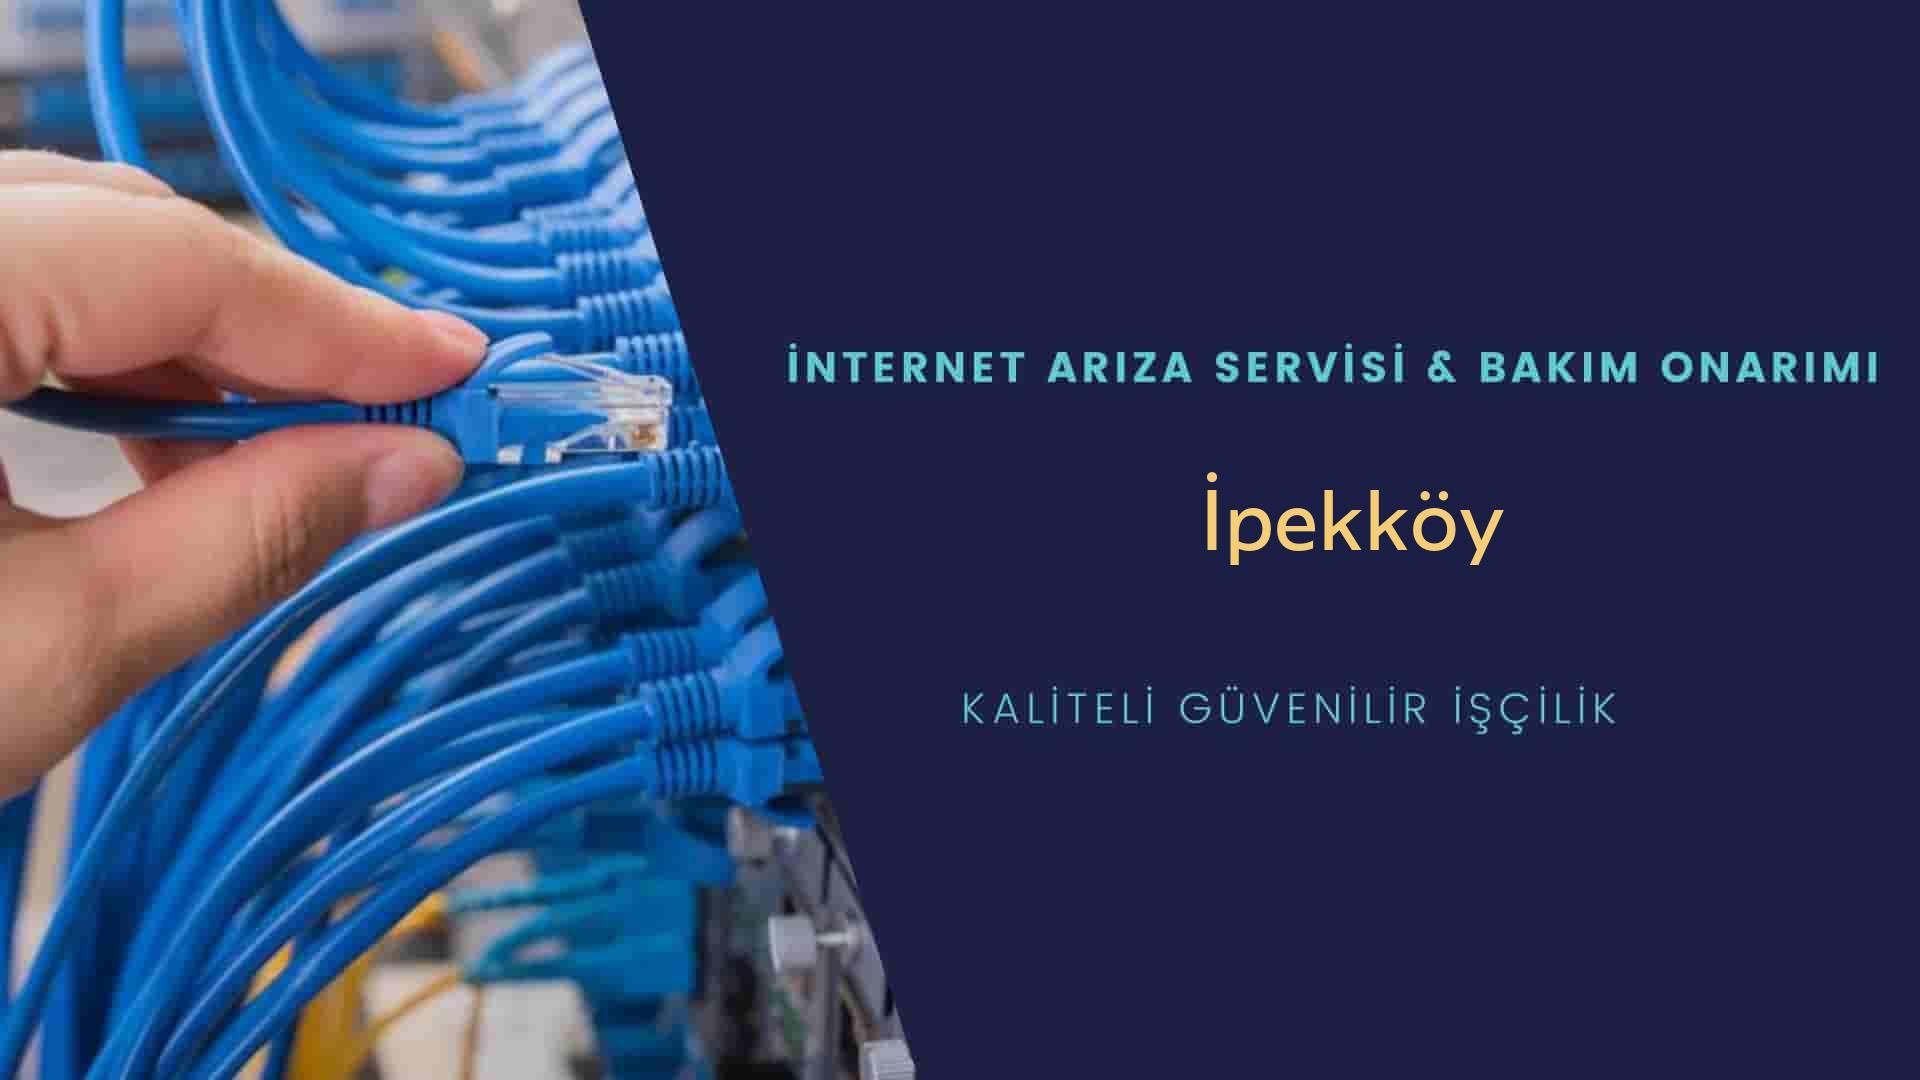 İpekköy internet kablosu çekimi yapan yerler veya elektrikçiler mi? arıyorsunuz doğru yerdesiniz o zaman sizlere 7/24 yardımcı olacak profesyonel ustalarımız bir telefon kadar yakındır size.